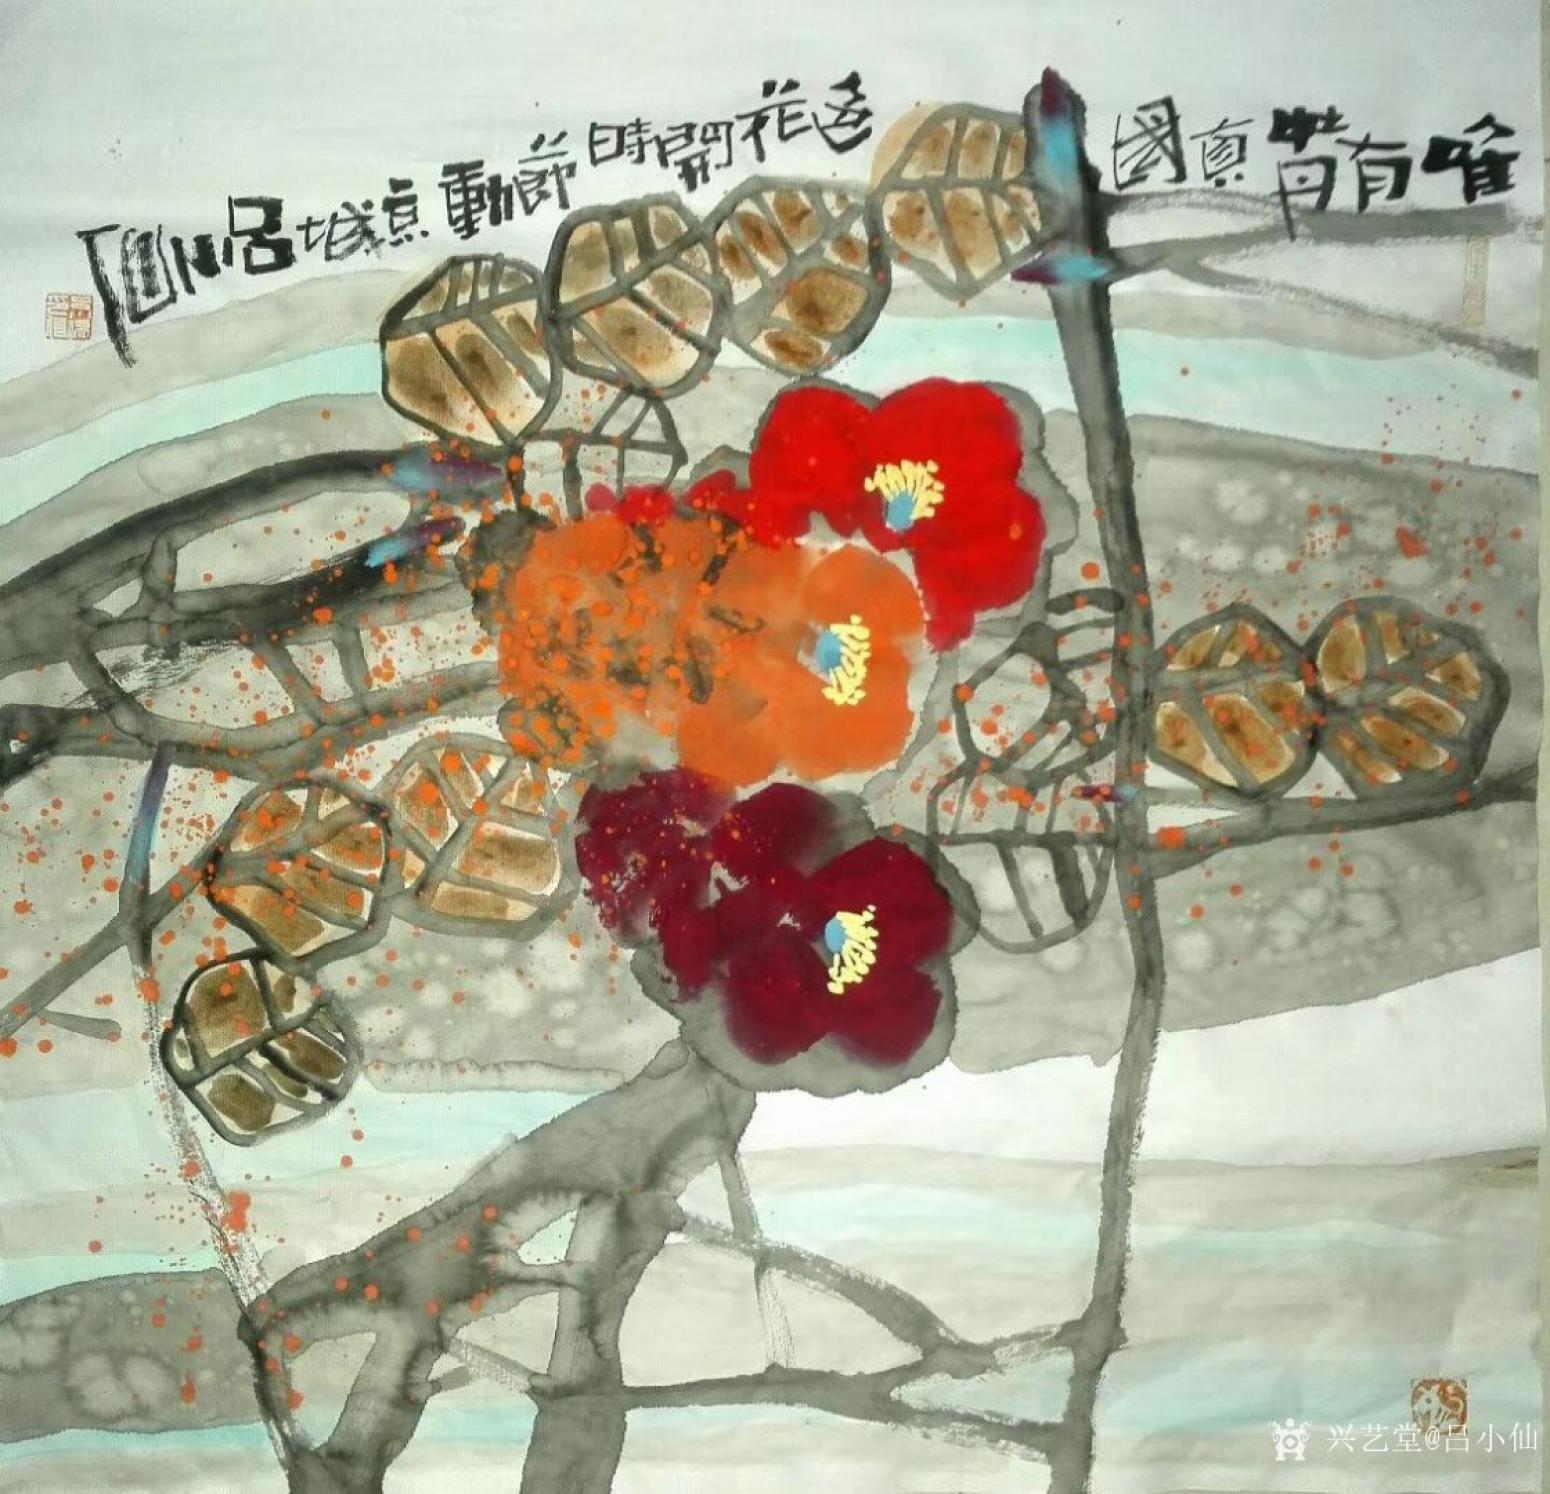 吕小仙国画作品《富贵身》【图2】